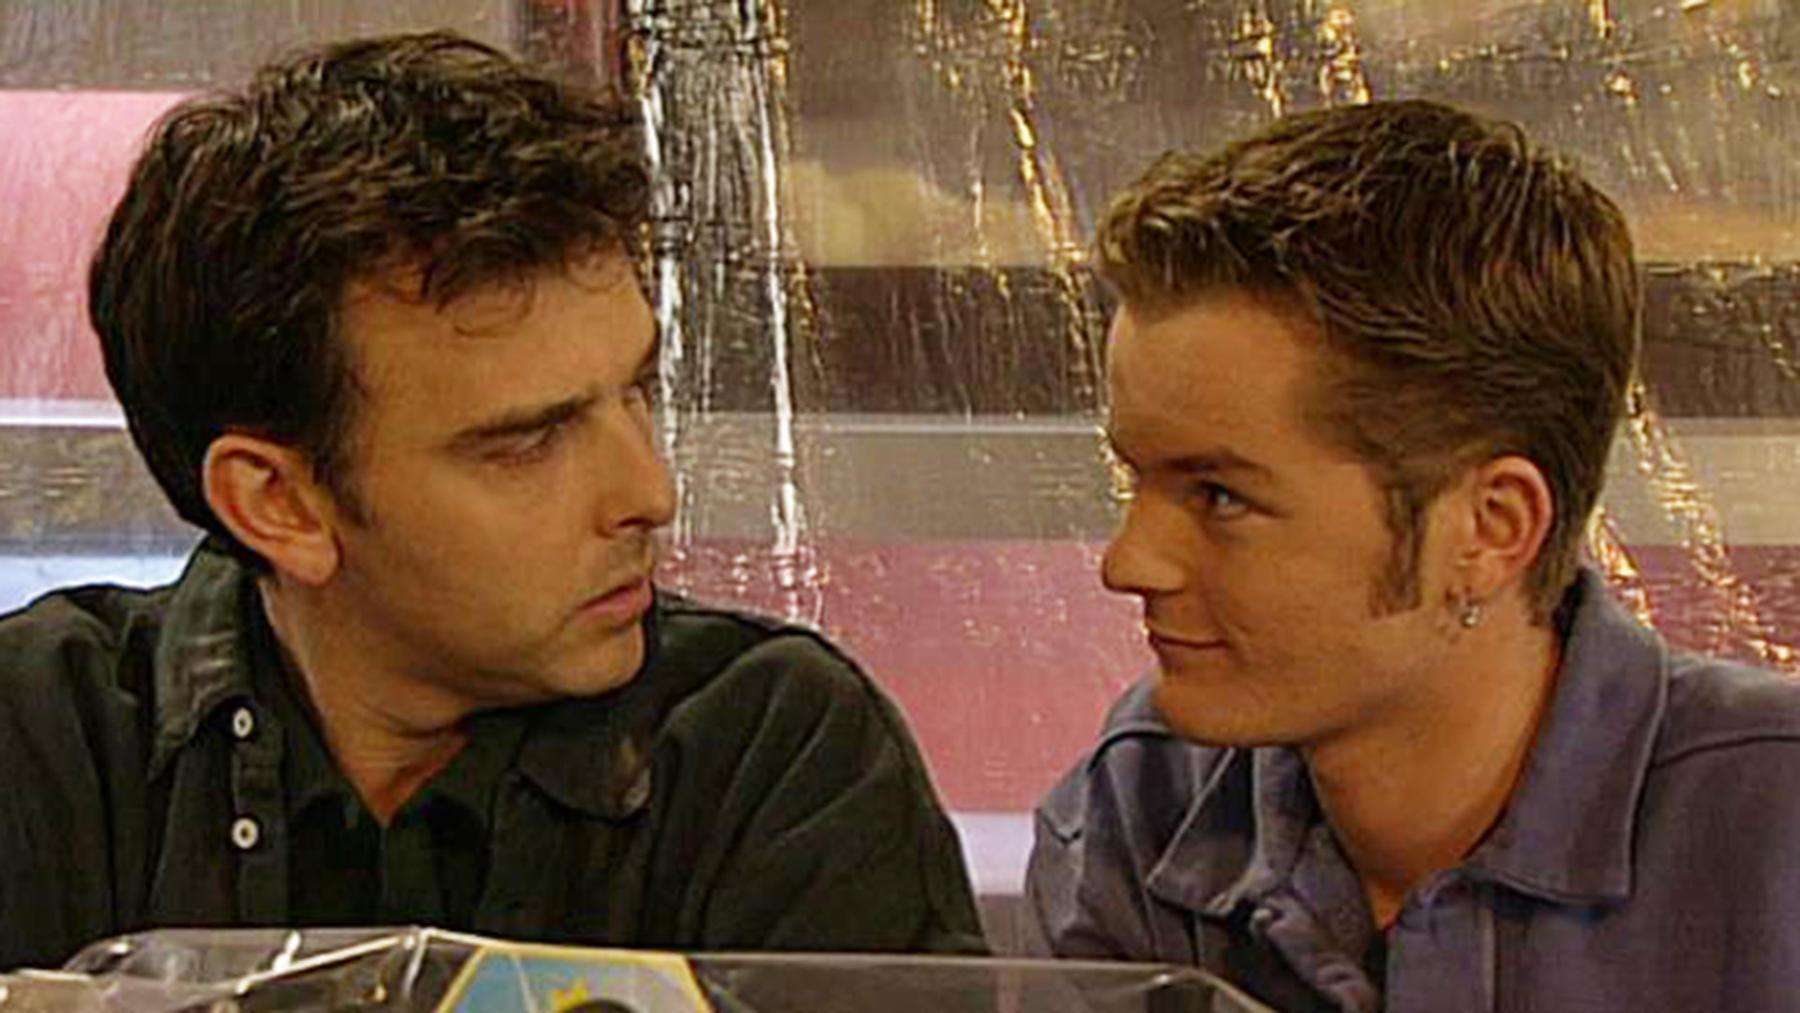 Lona sieht zufällig Gregor und Andreas zusammen.